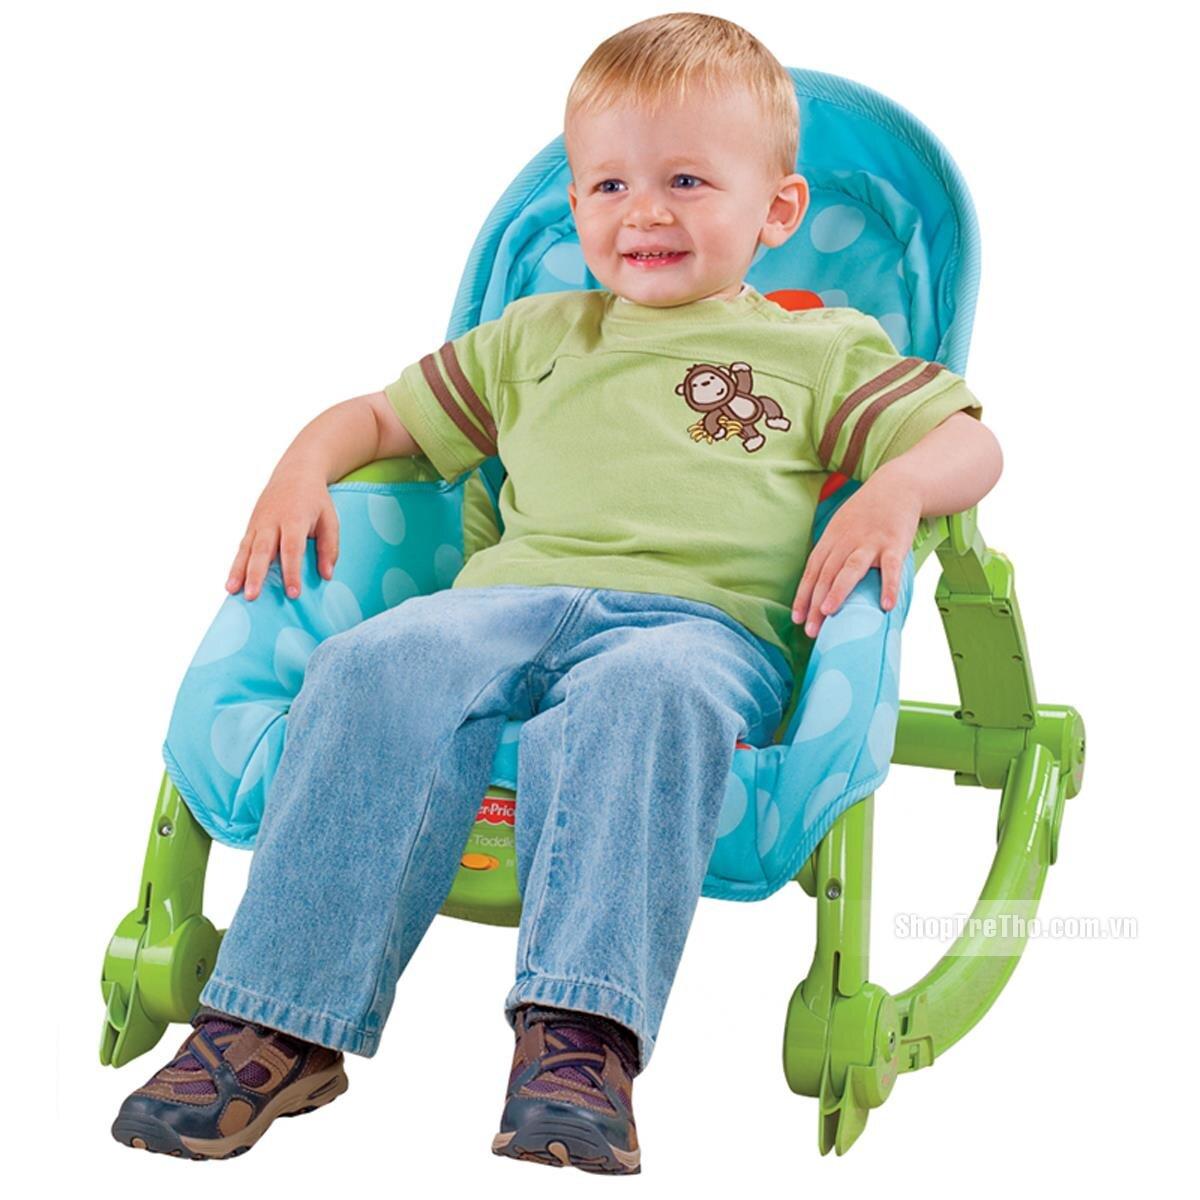 Ghế rung Fisher Price W2811 (cho bé nằm ăn, nằm ngủ)